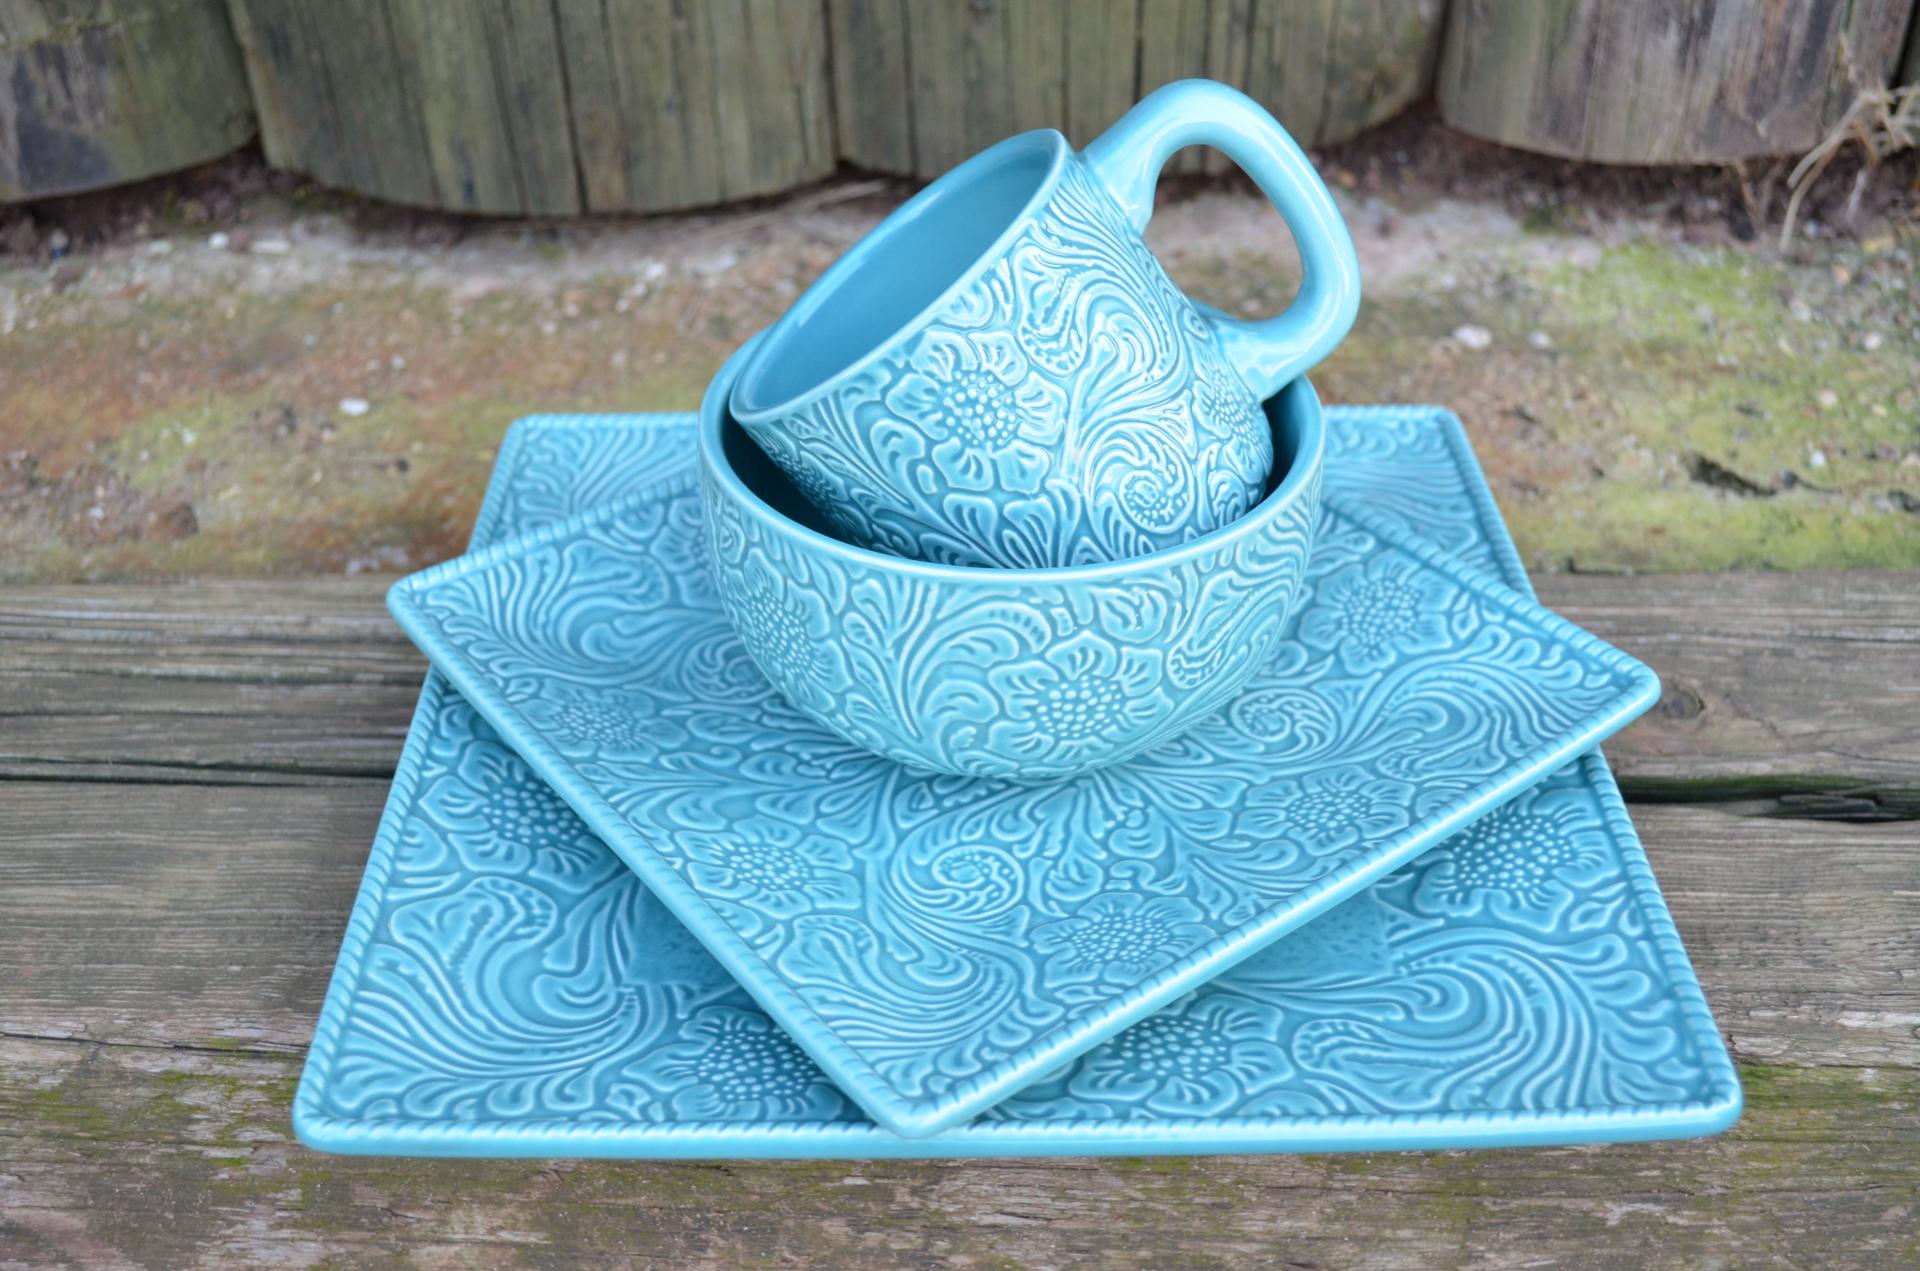 Turquoise Tooled Leather Dish Set